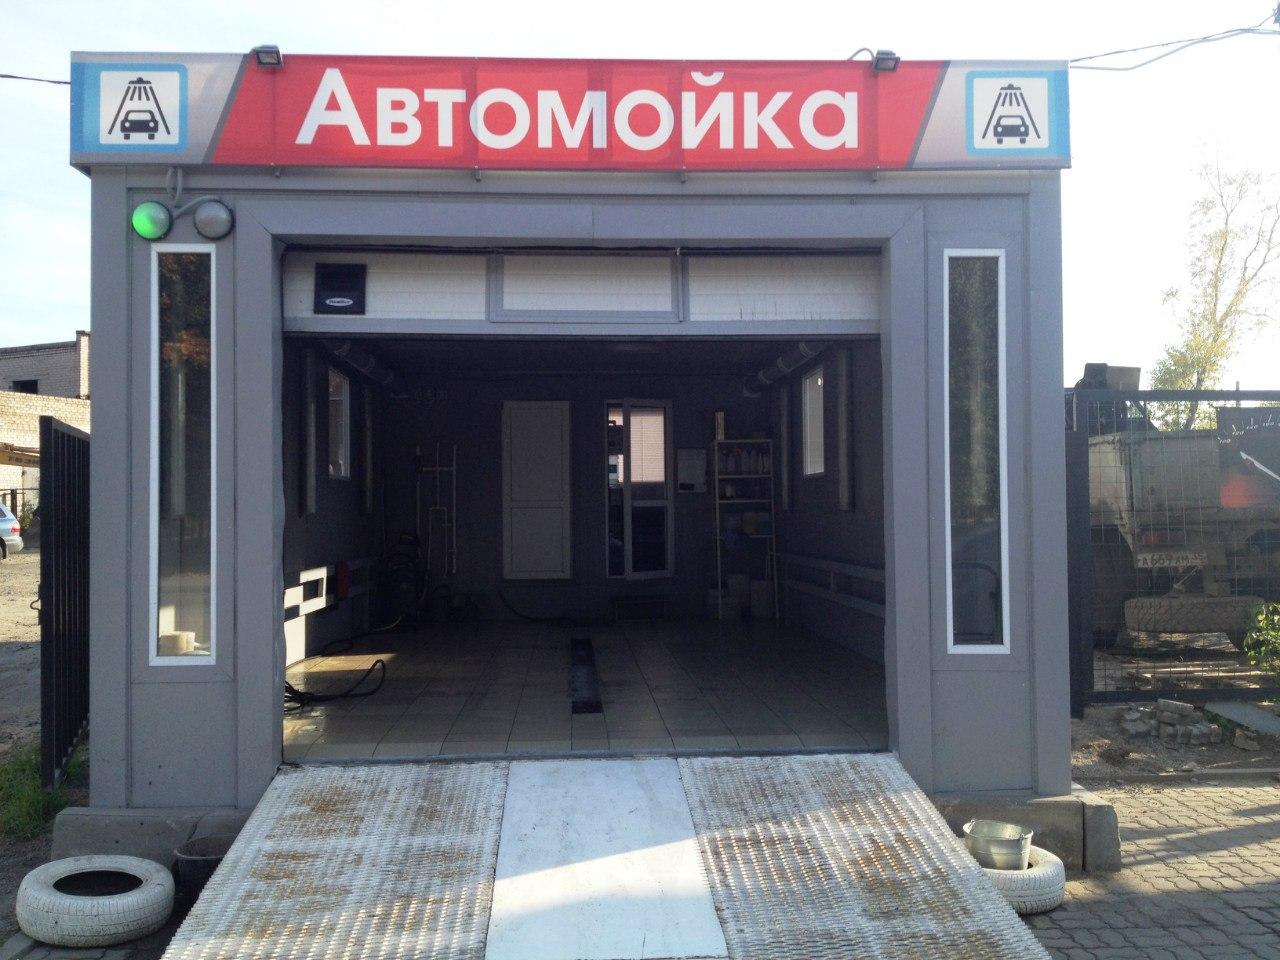 Автомойки в аренду  Аренда автомойки в Москве